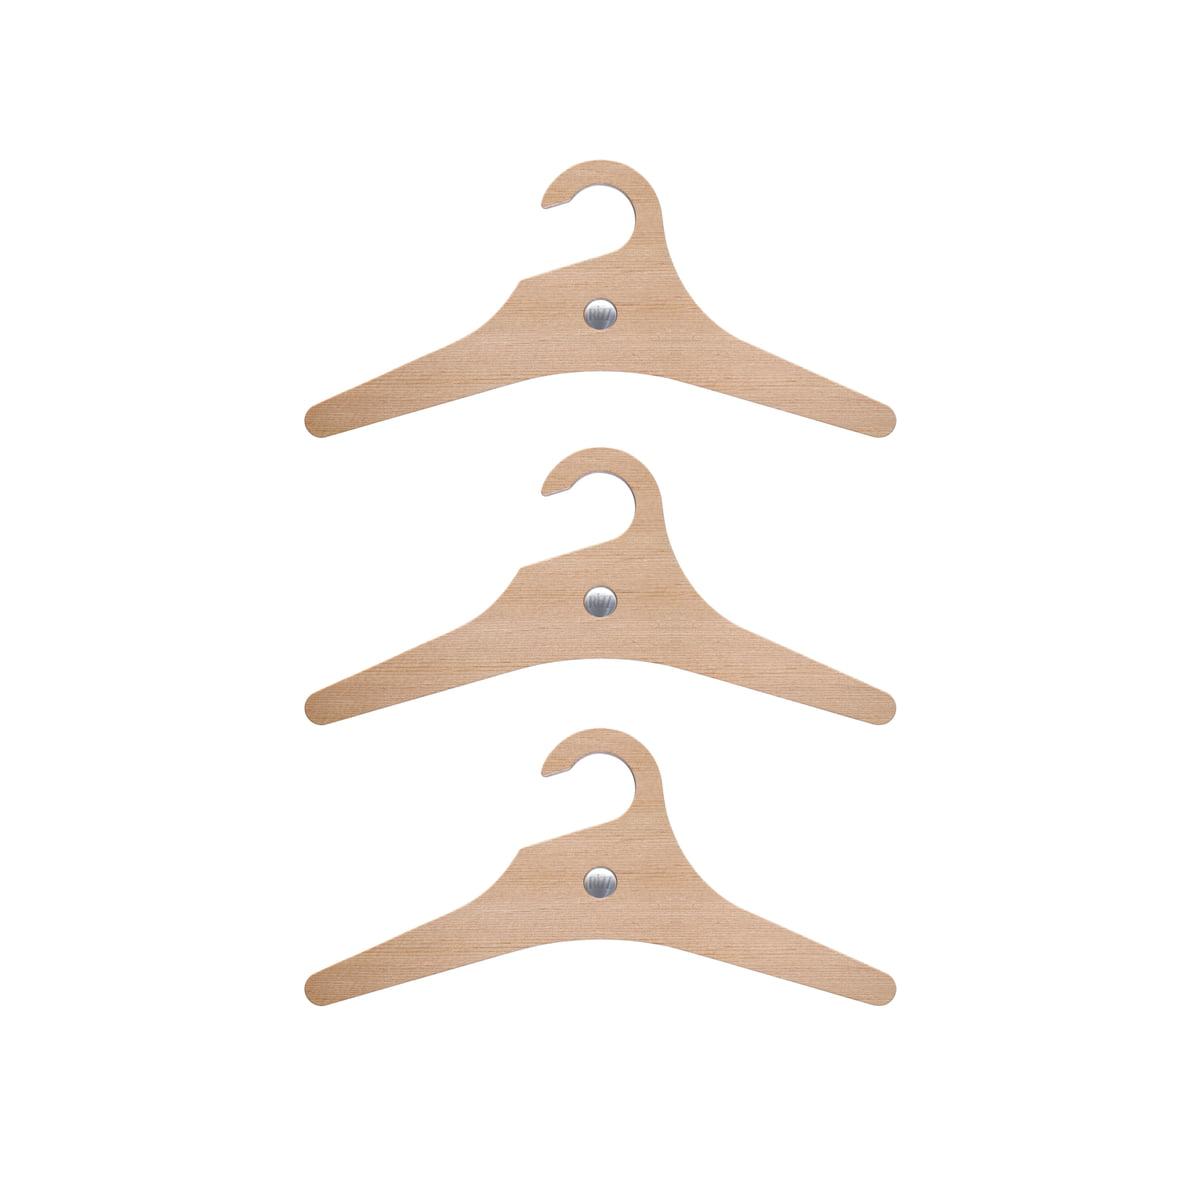 Rizz - Kleiderbügel The Sparrow (3er-Set), für Kinder | Flur & Diele > Garderoben > Kleiderbügel | Braun | Zedernholz mit einem kern aus buchenholz | Rizz